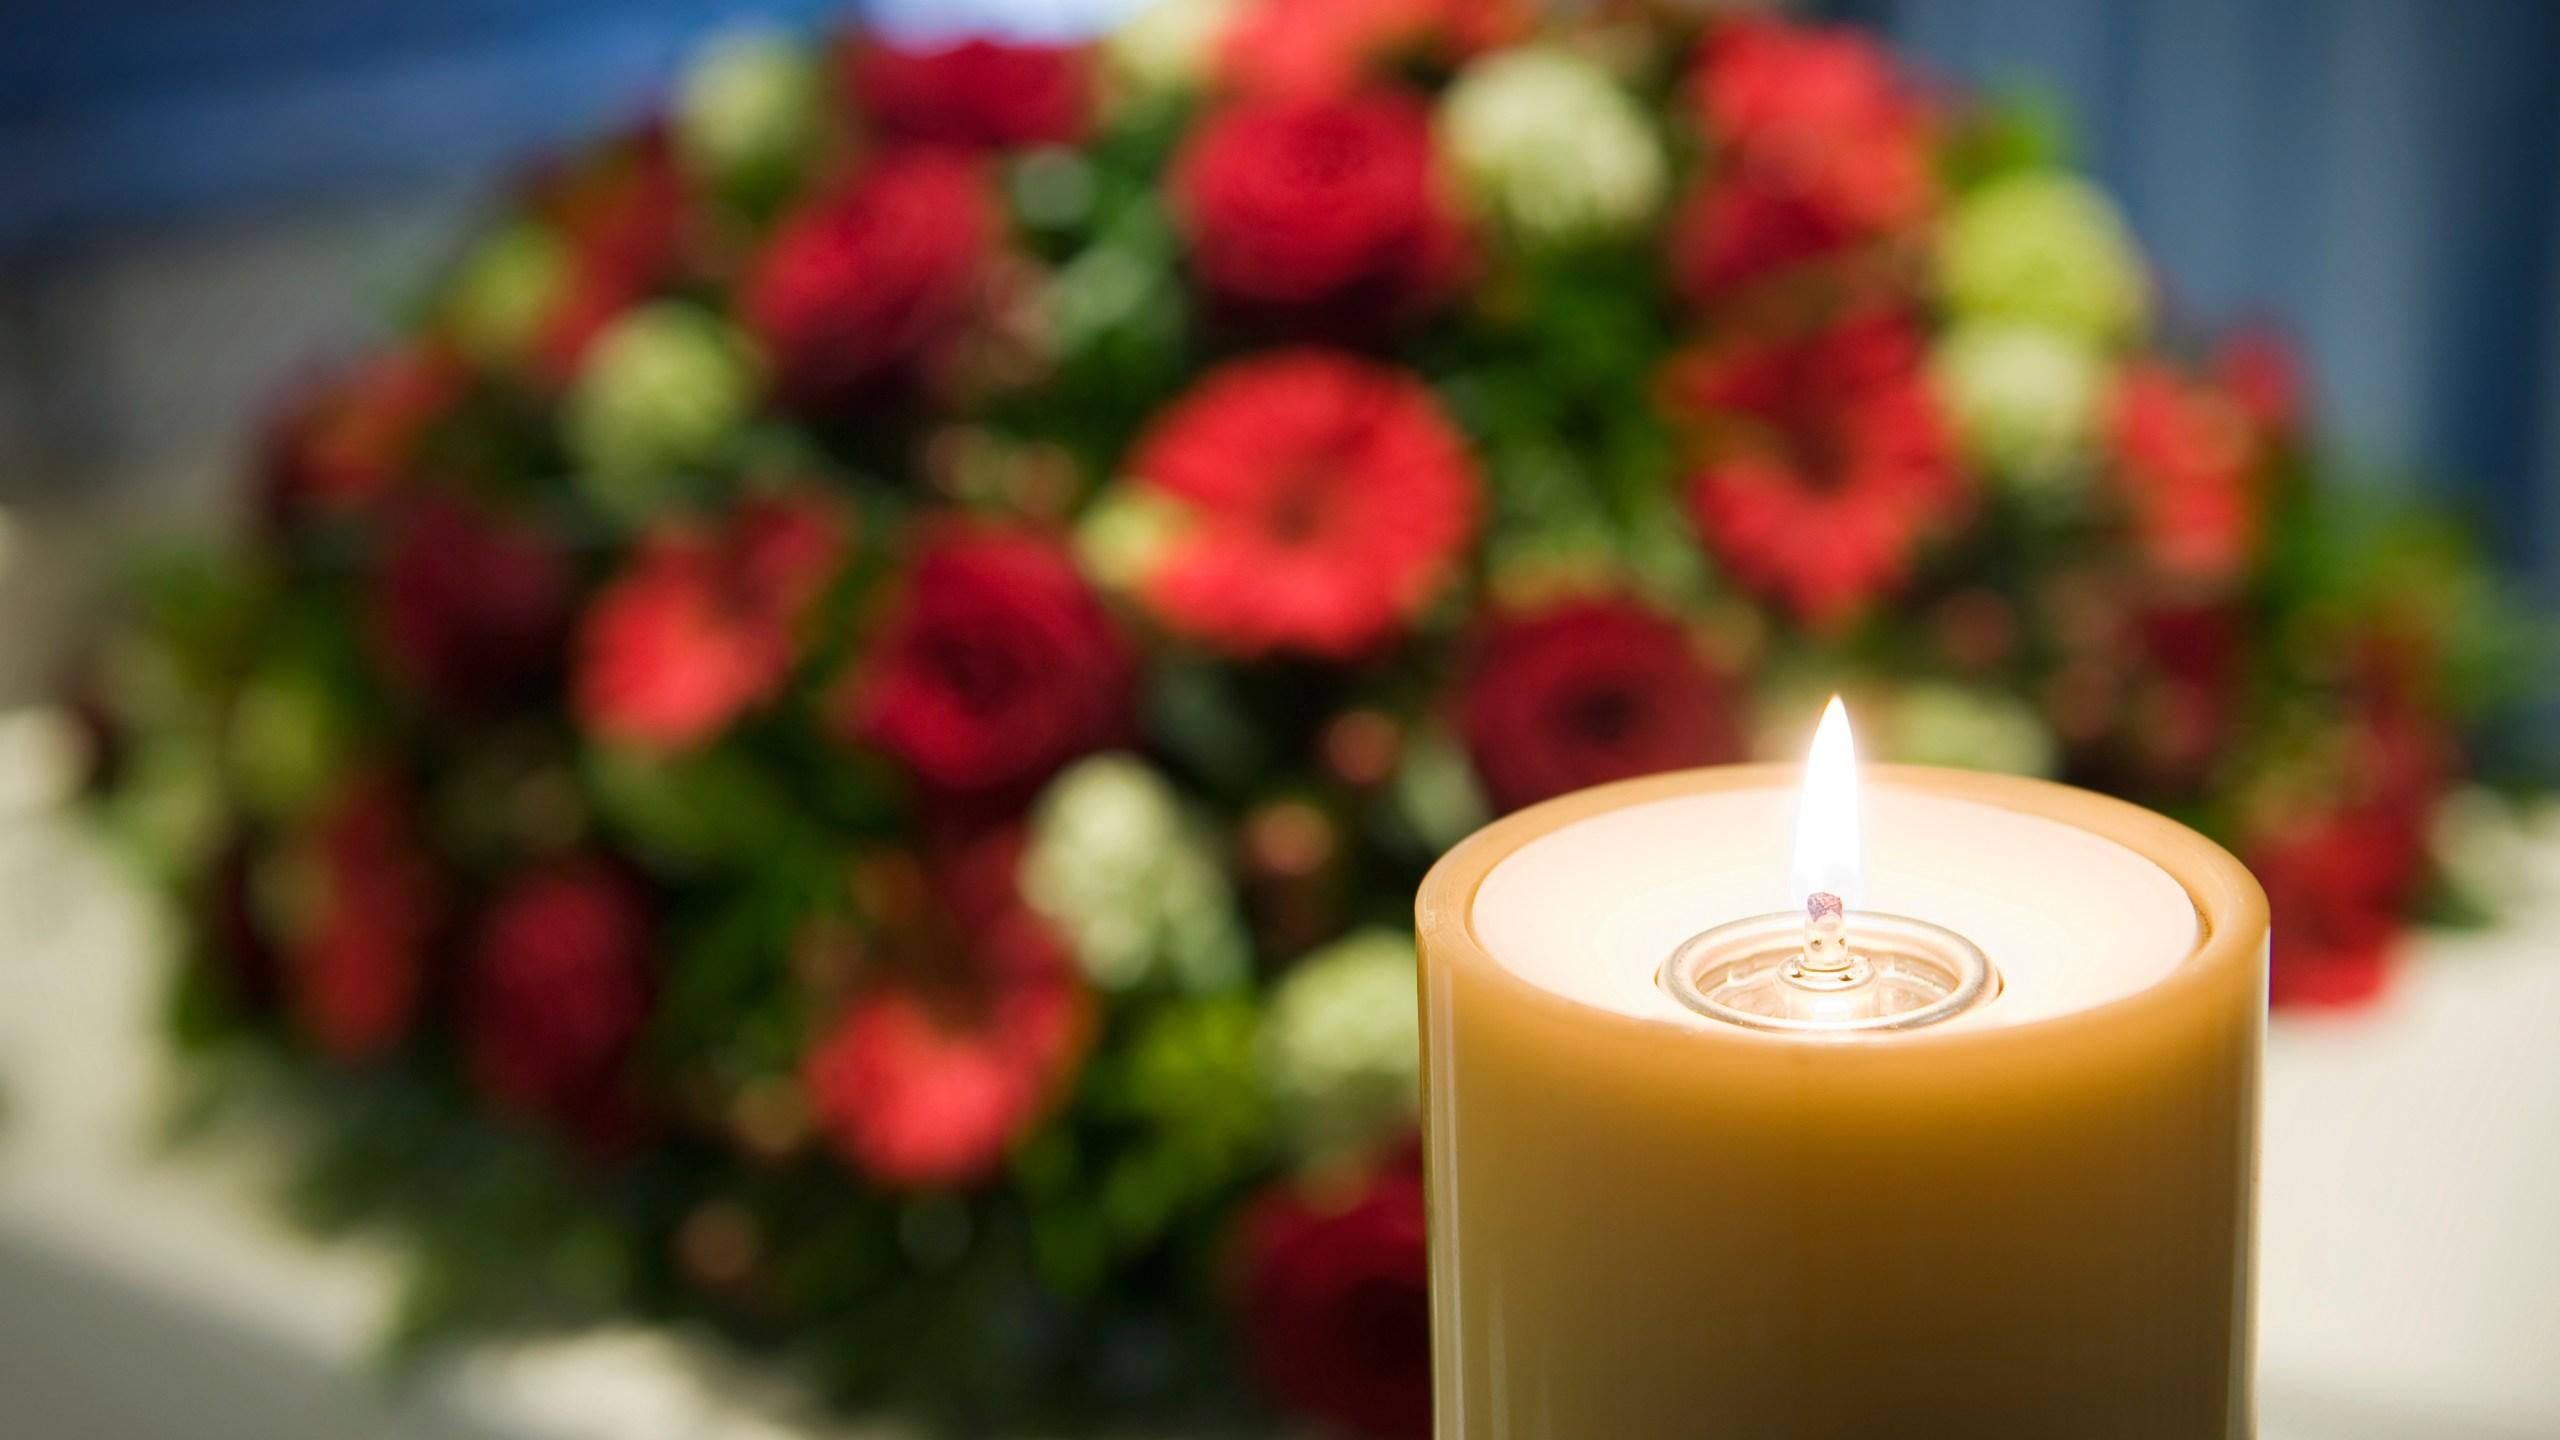 Burning candle_1521121872084